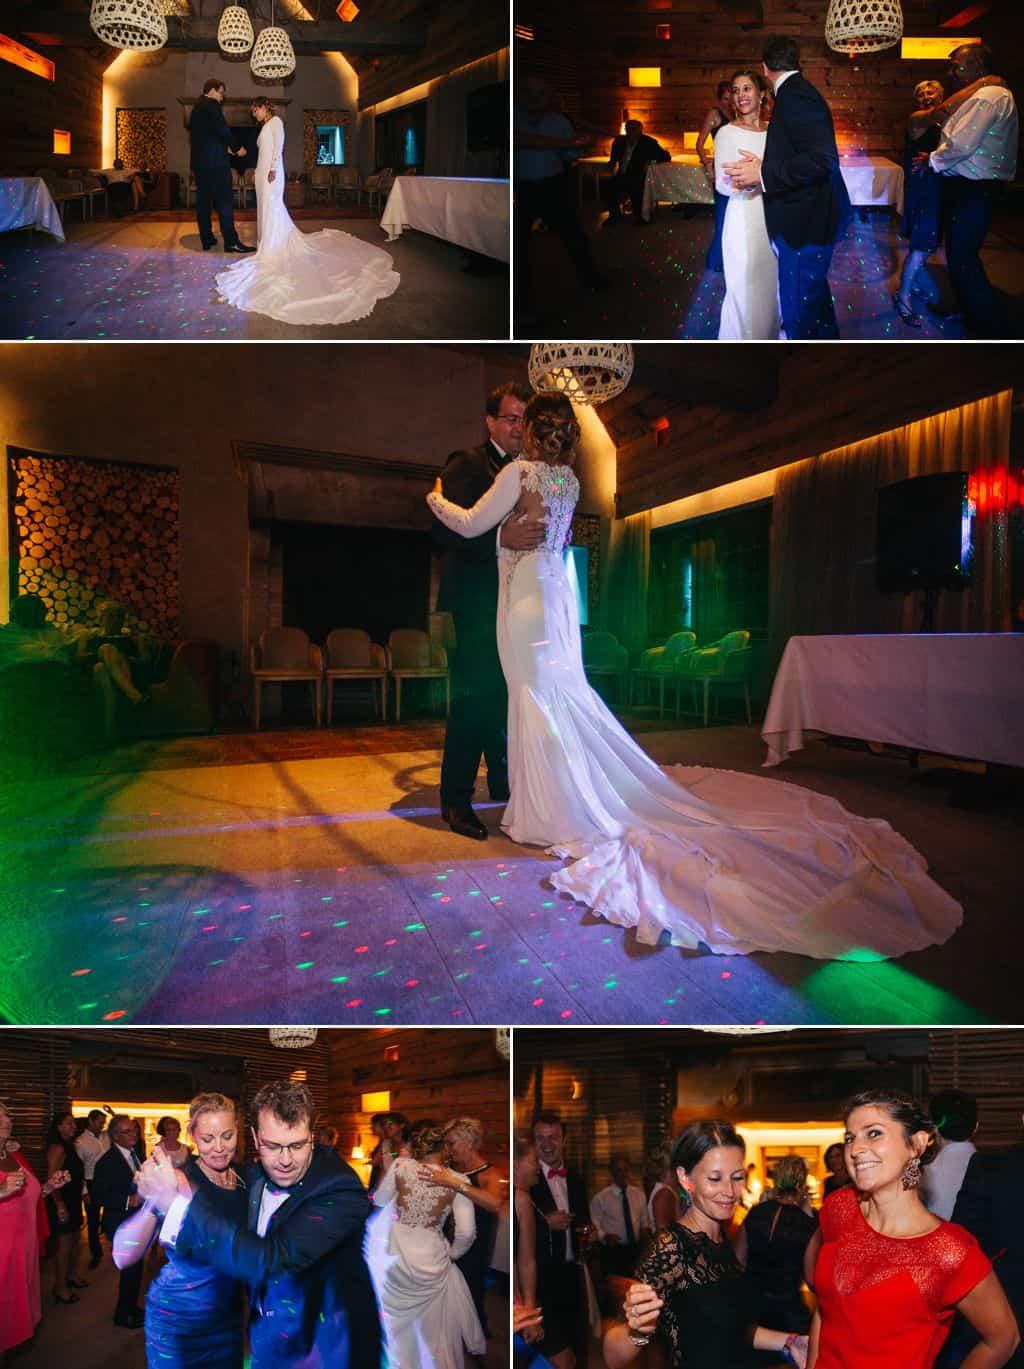 Ouverture de Bal et soirée dansante à la fin du mariage.